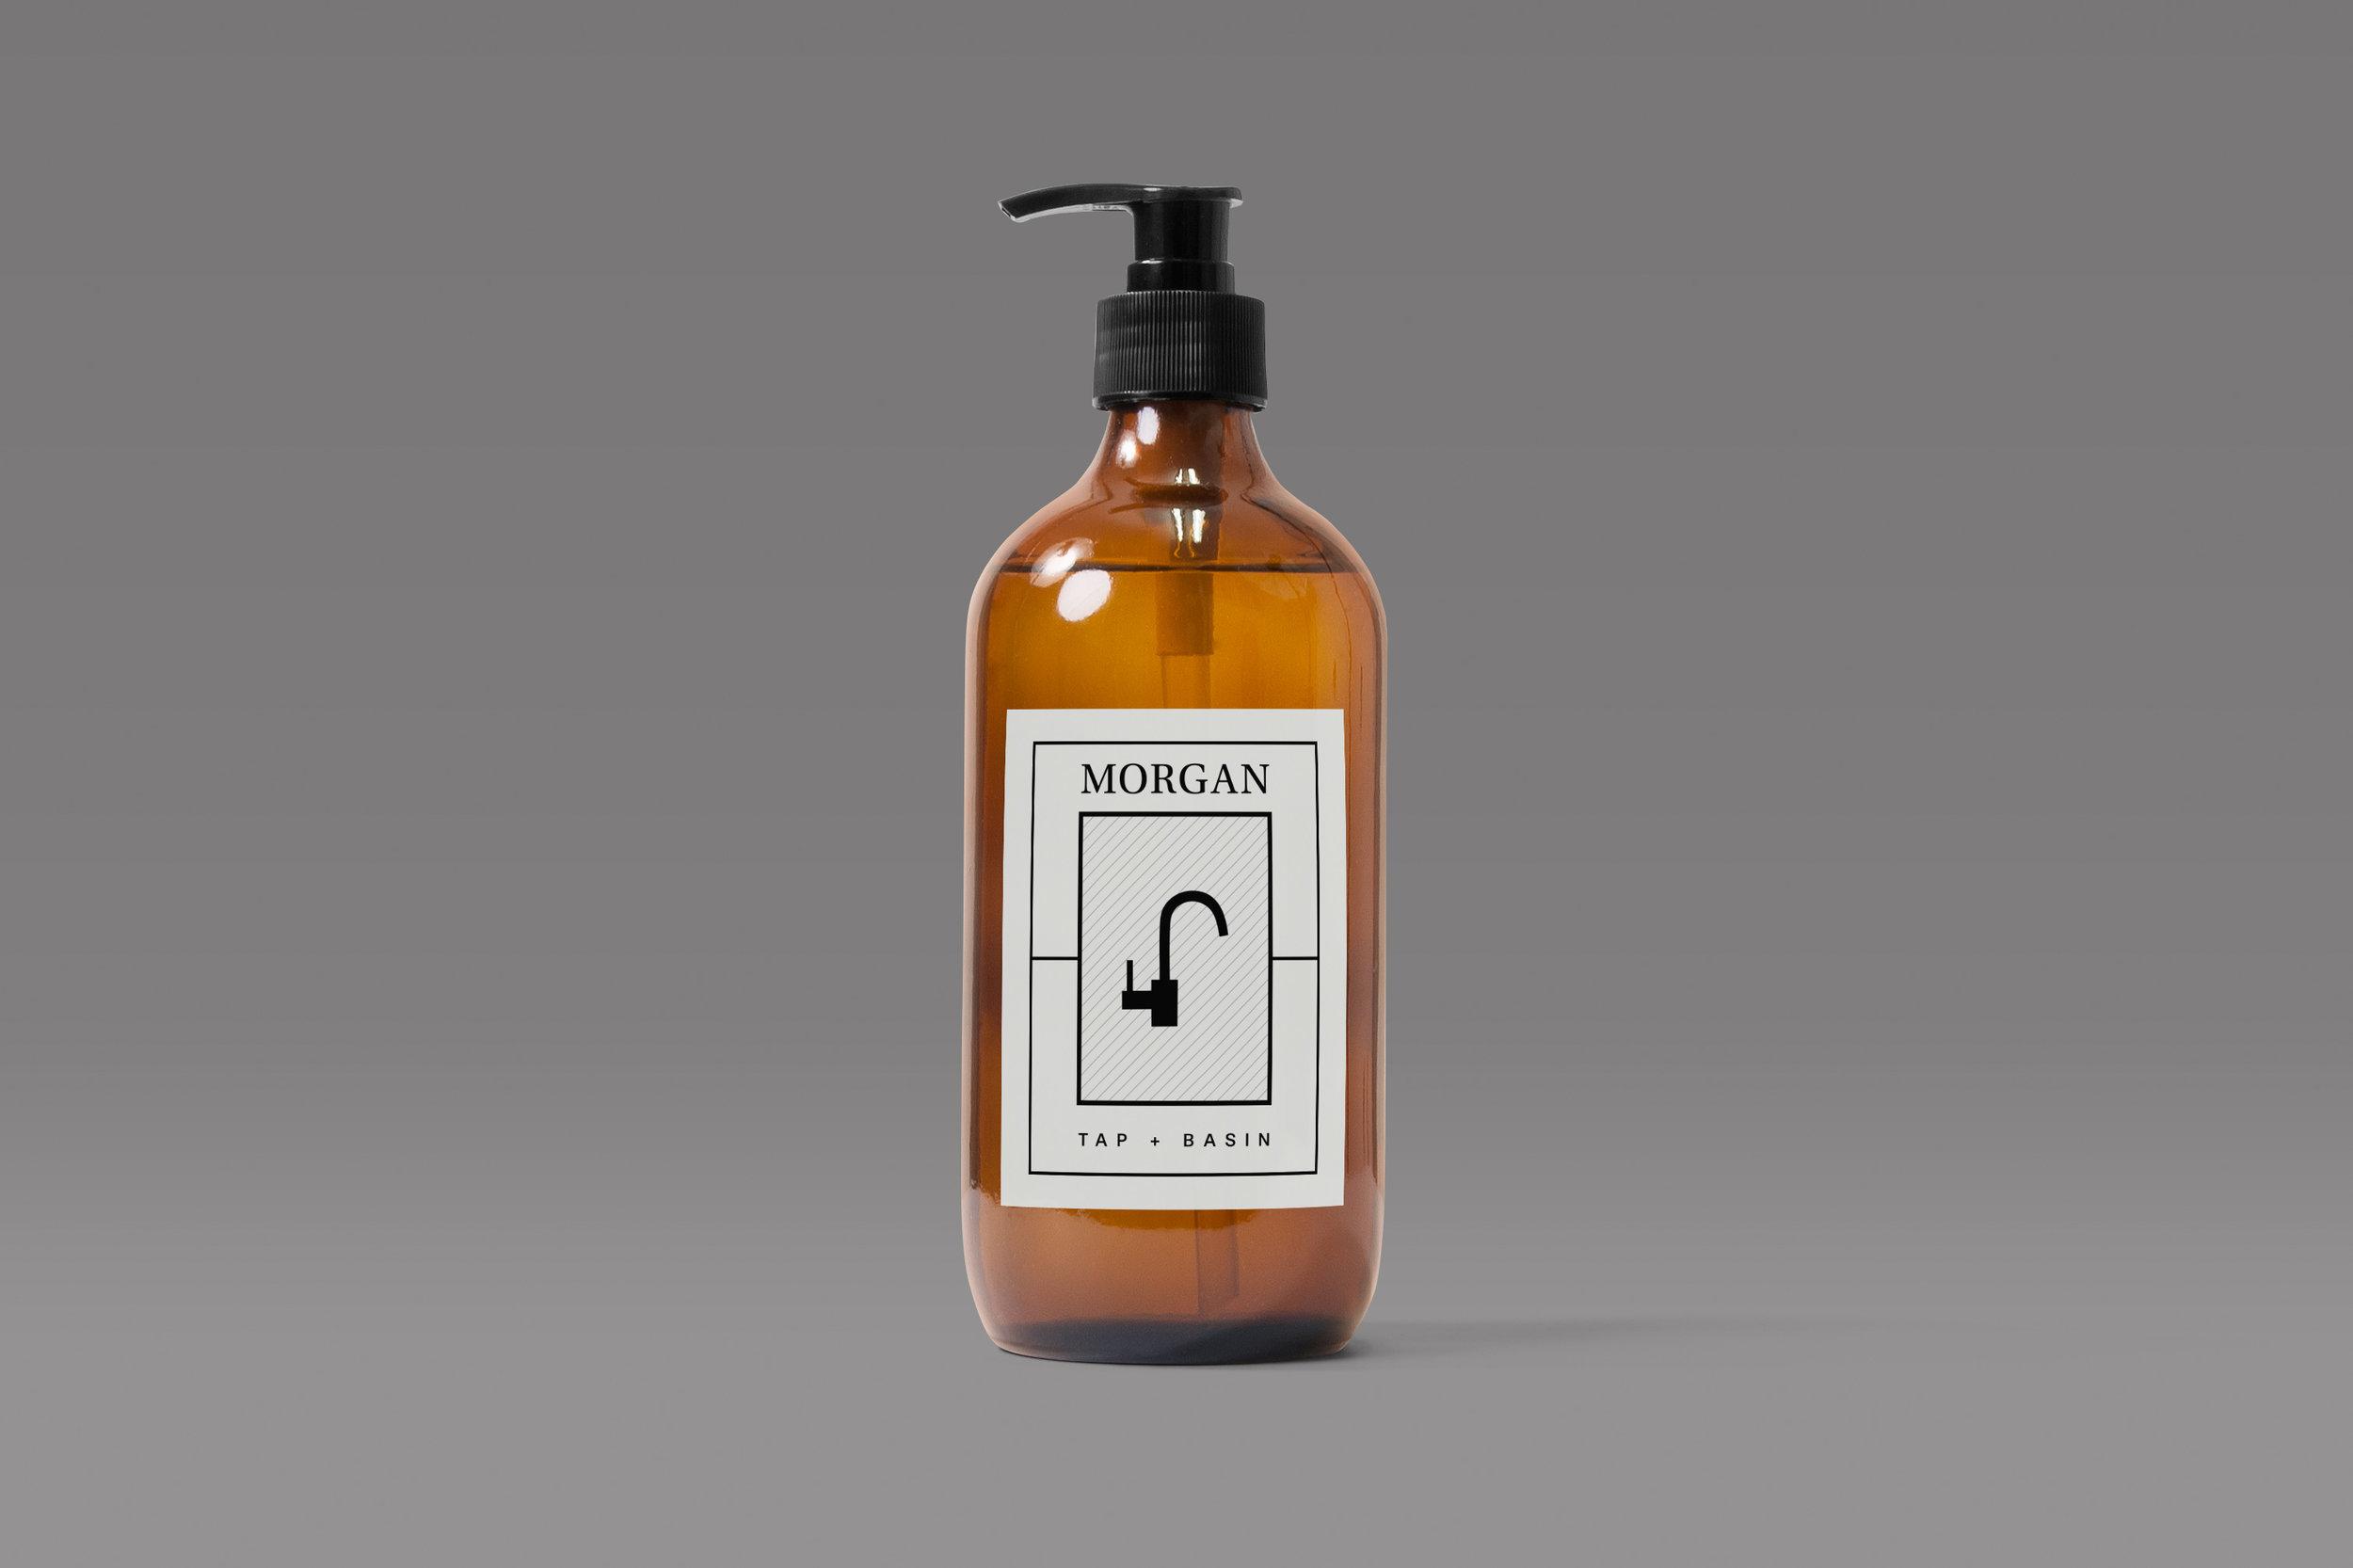 Morgan Tap & Basin Branding